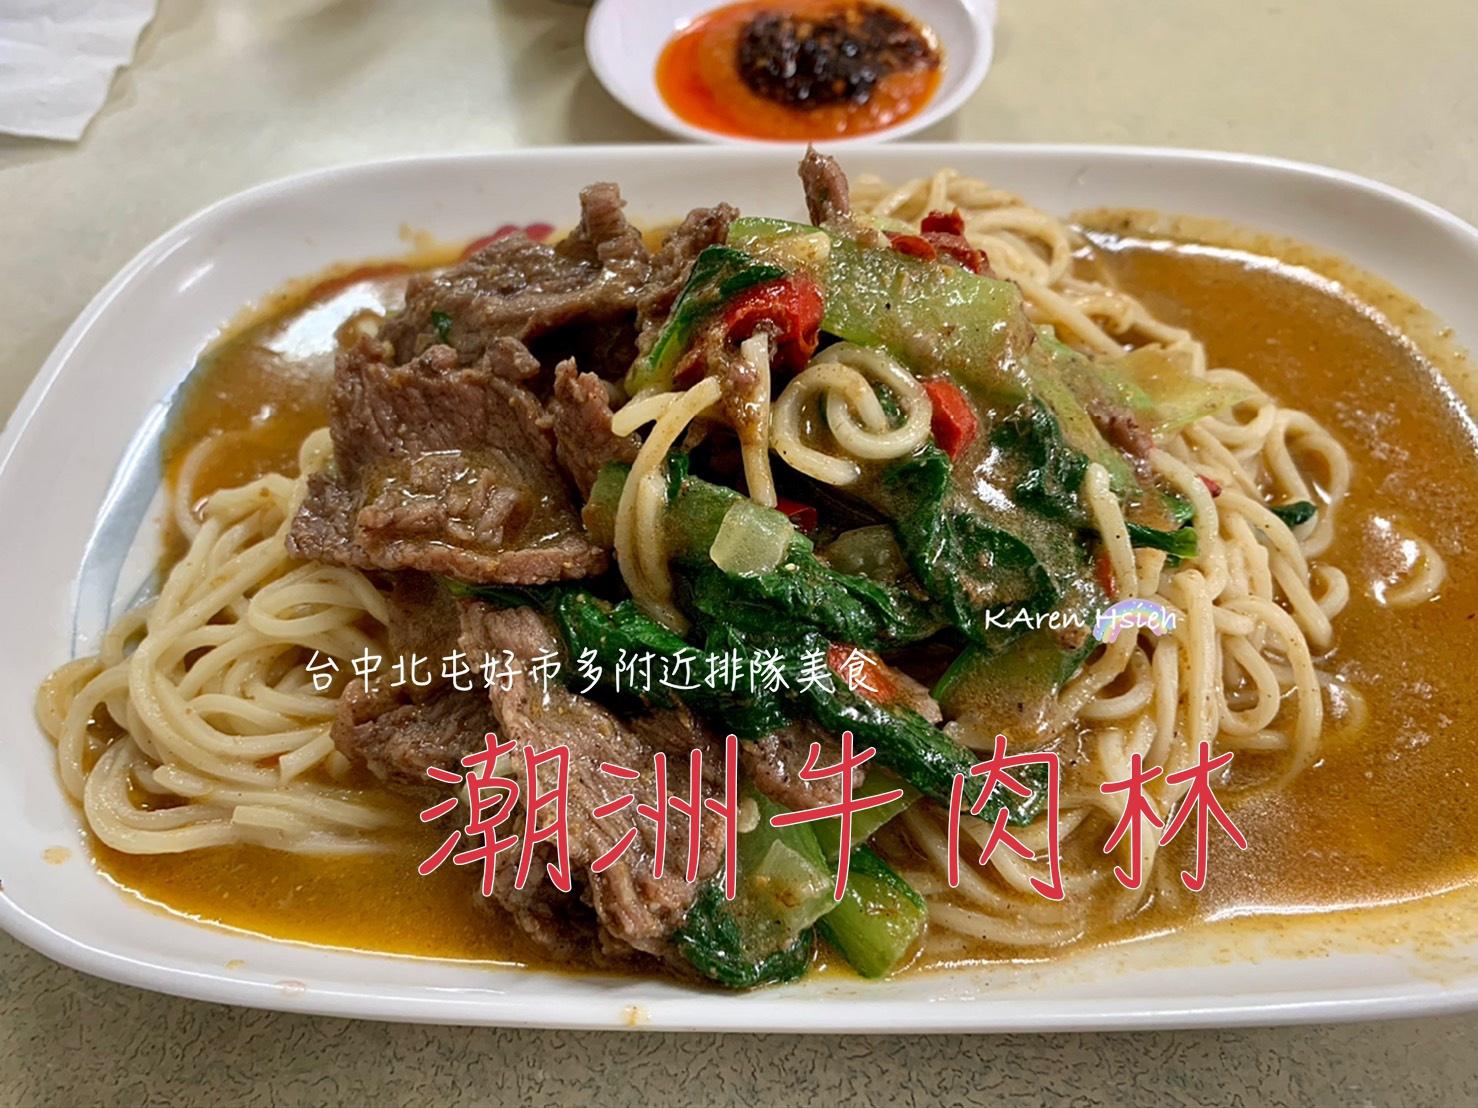 潮洲牛肉林 | 香辣夠味牛肉炒麵,台中北屯好市多附近排隊美食